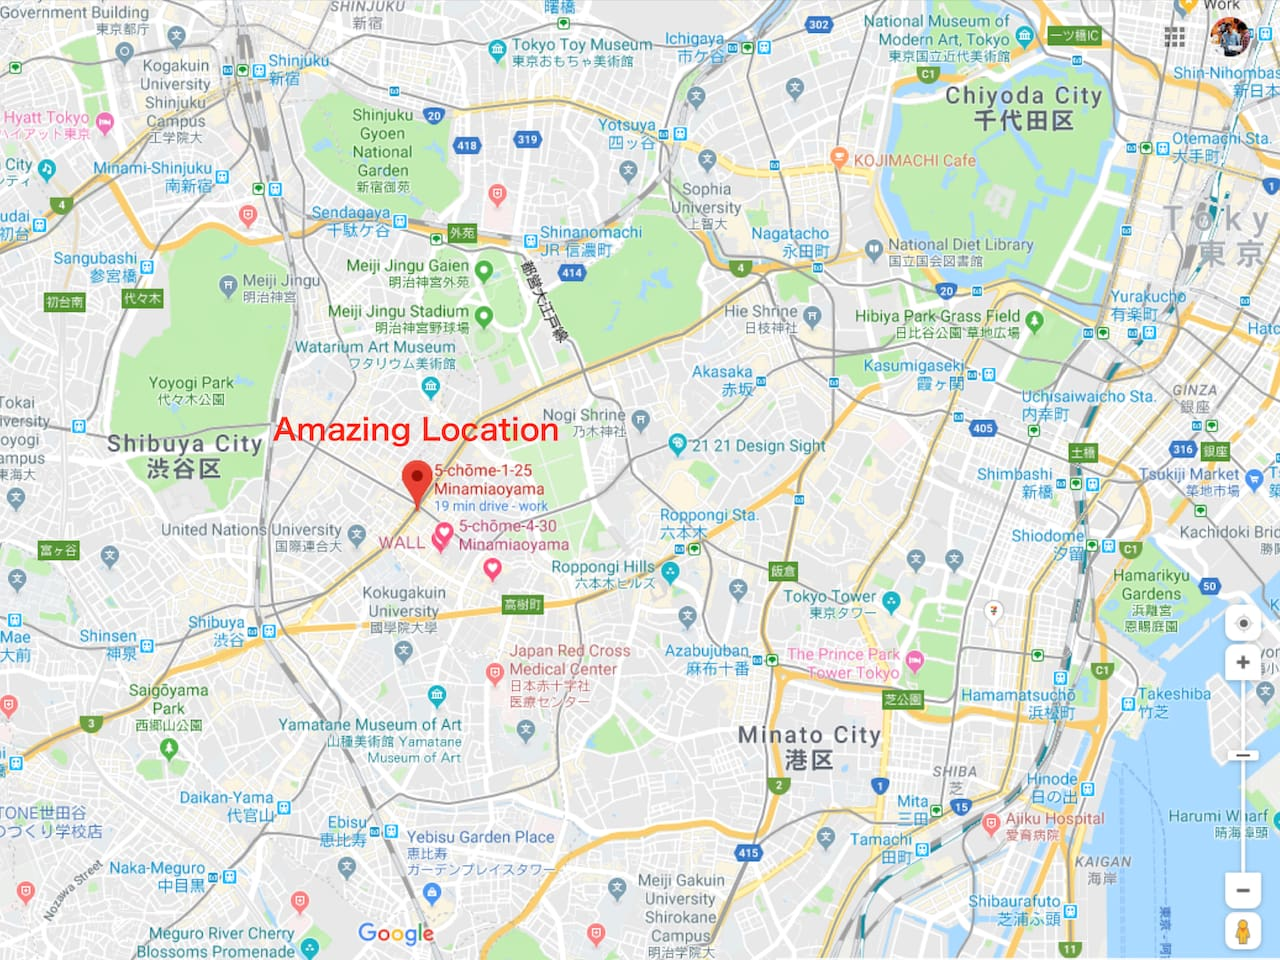 Amazing Location Omotesando Shibuya Harajuku Roppongi